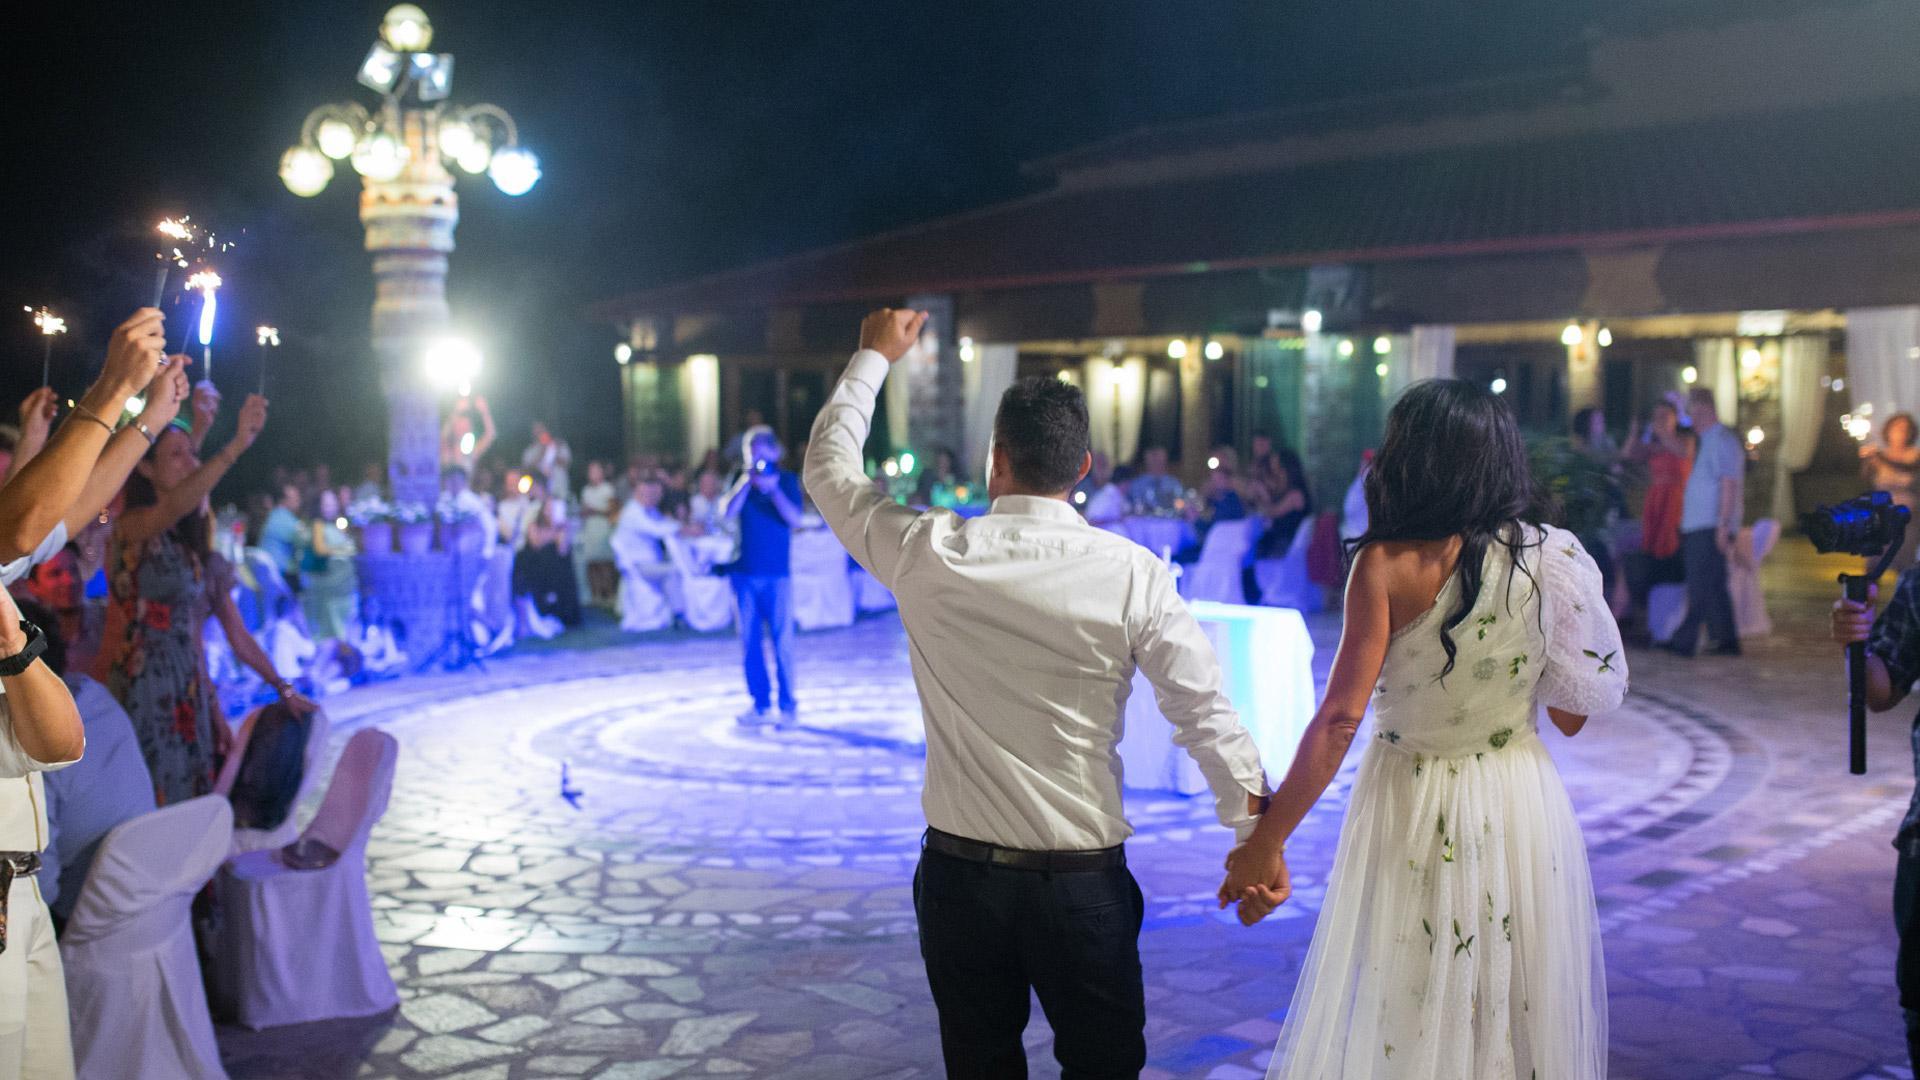 Παπαθανάσης: Γάμοι με μουσική αλλά χωρίς χορό – Oι νέες αλλαγές στα μέτρα